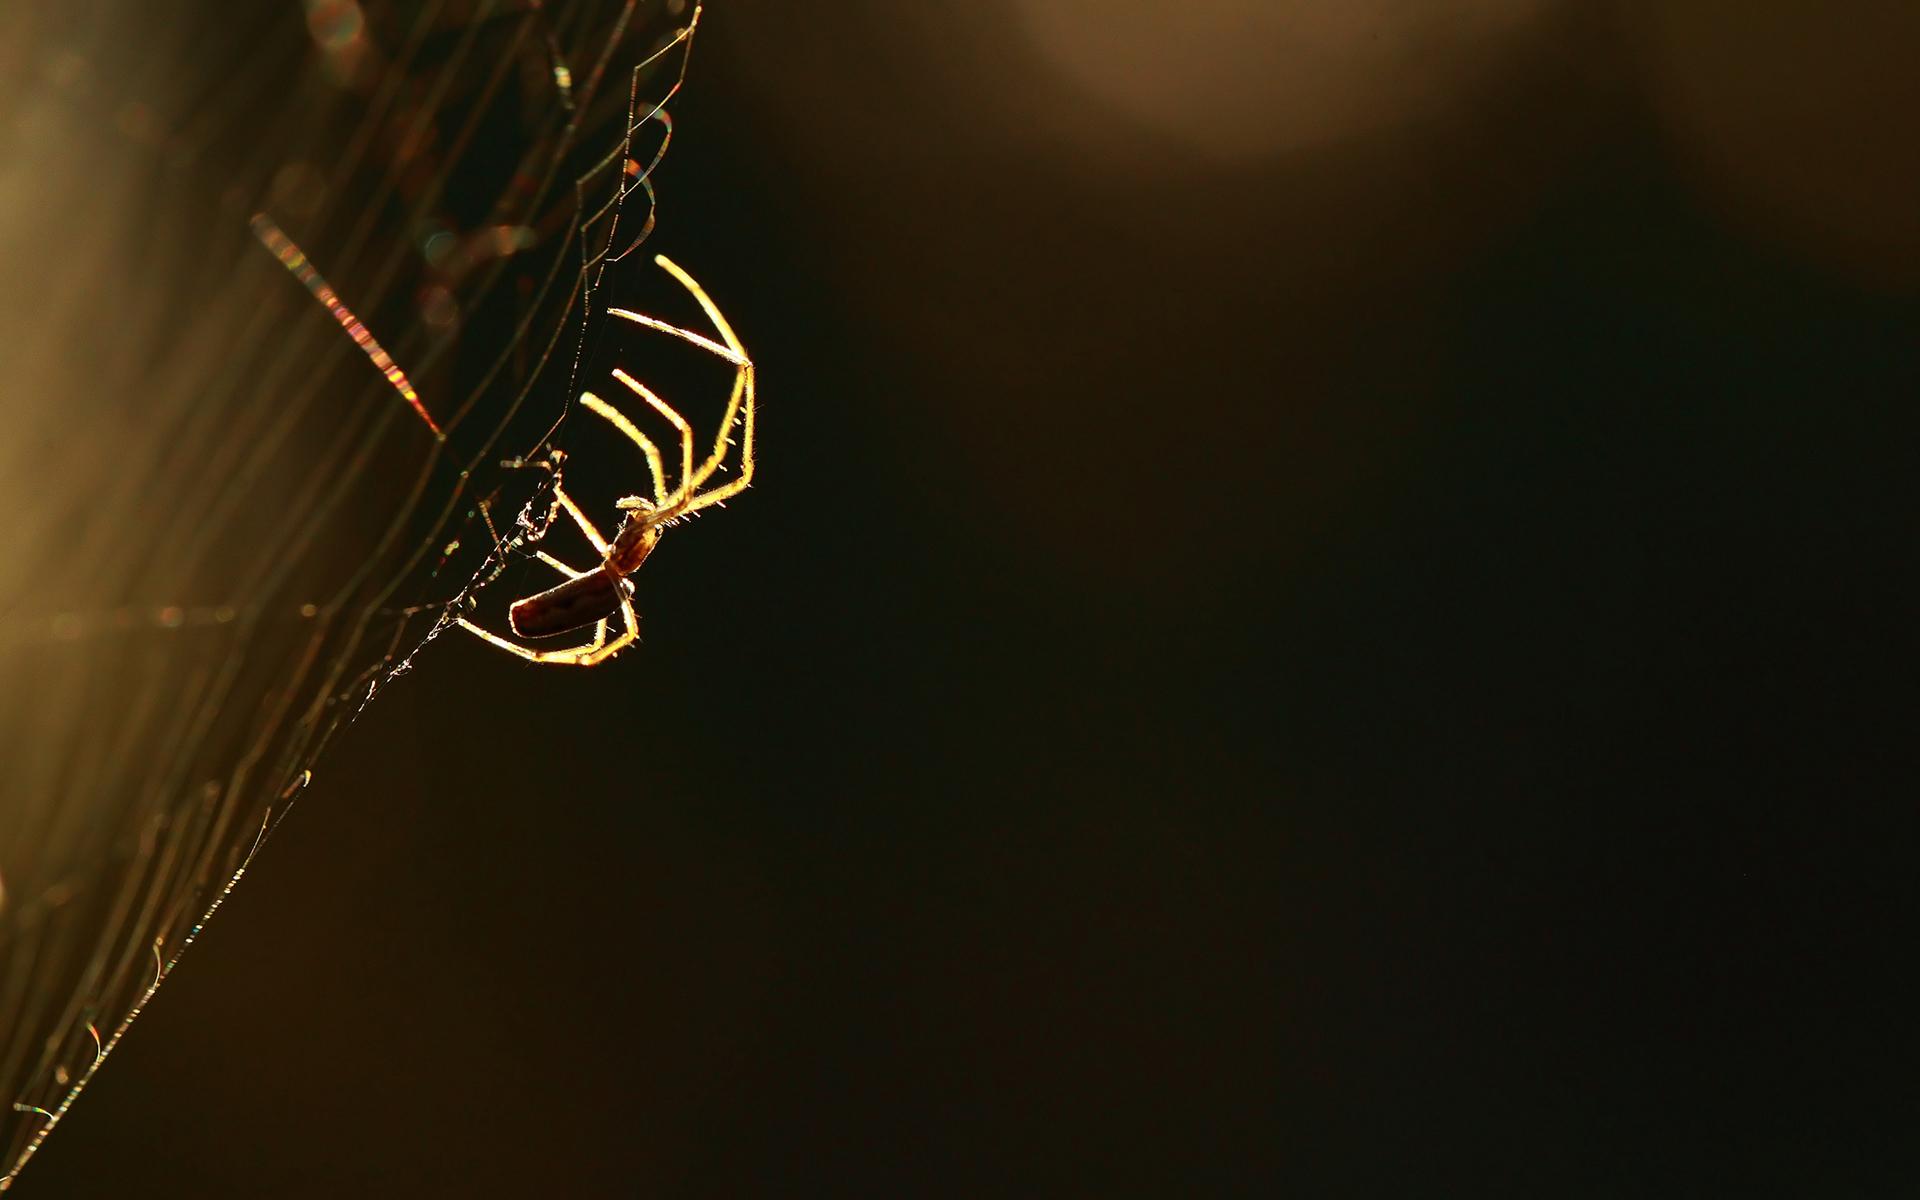 fantastic spider web wallpaper 41568